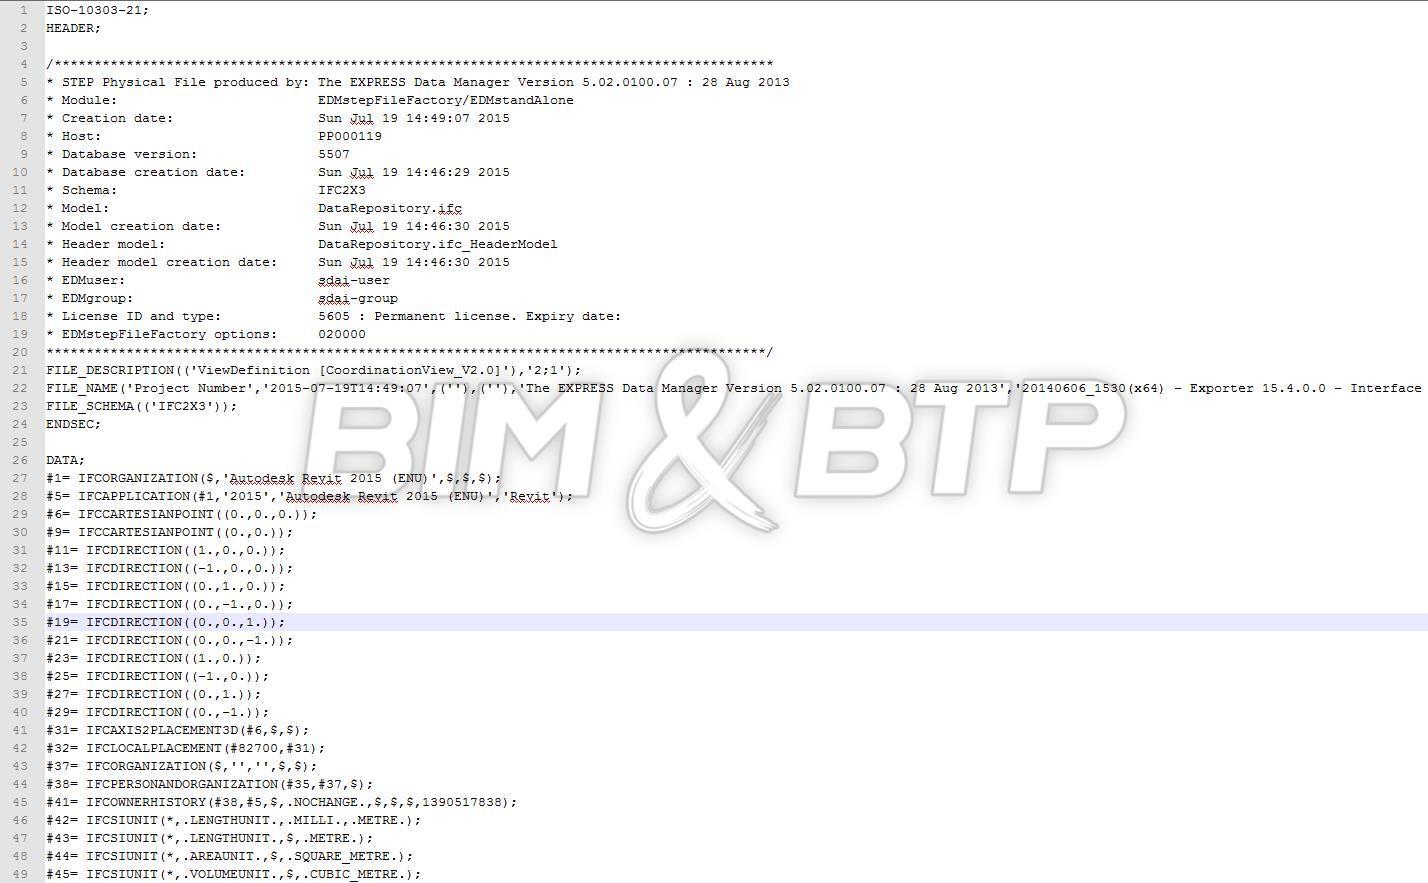 Capture d'écran de la même maquette au format IFC ouverte dans un éditeur de texte